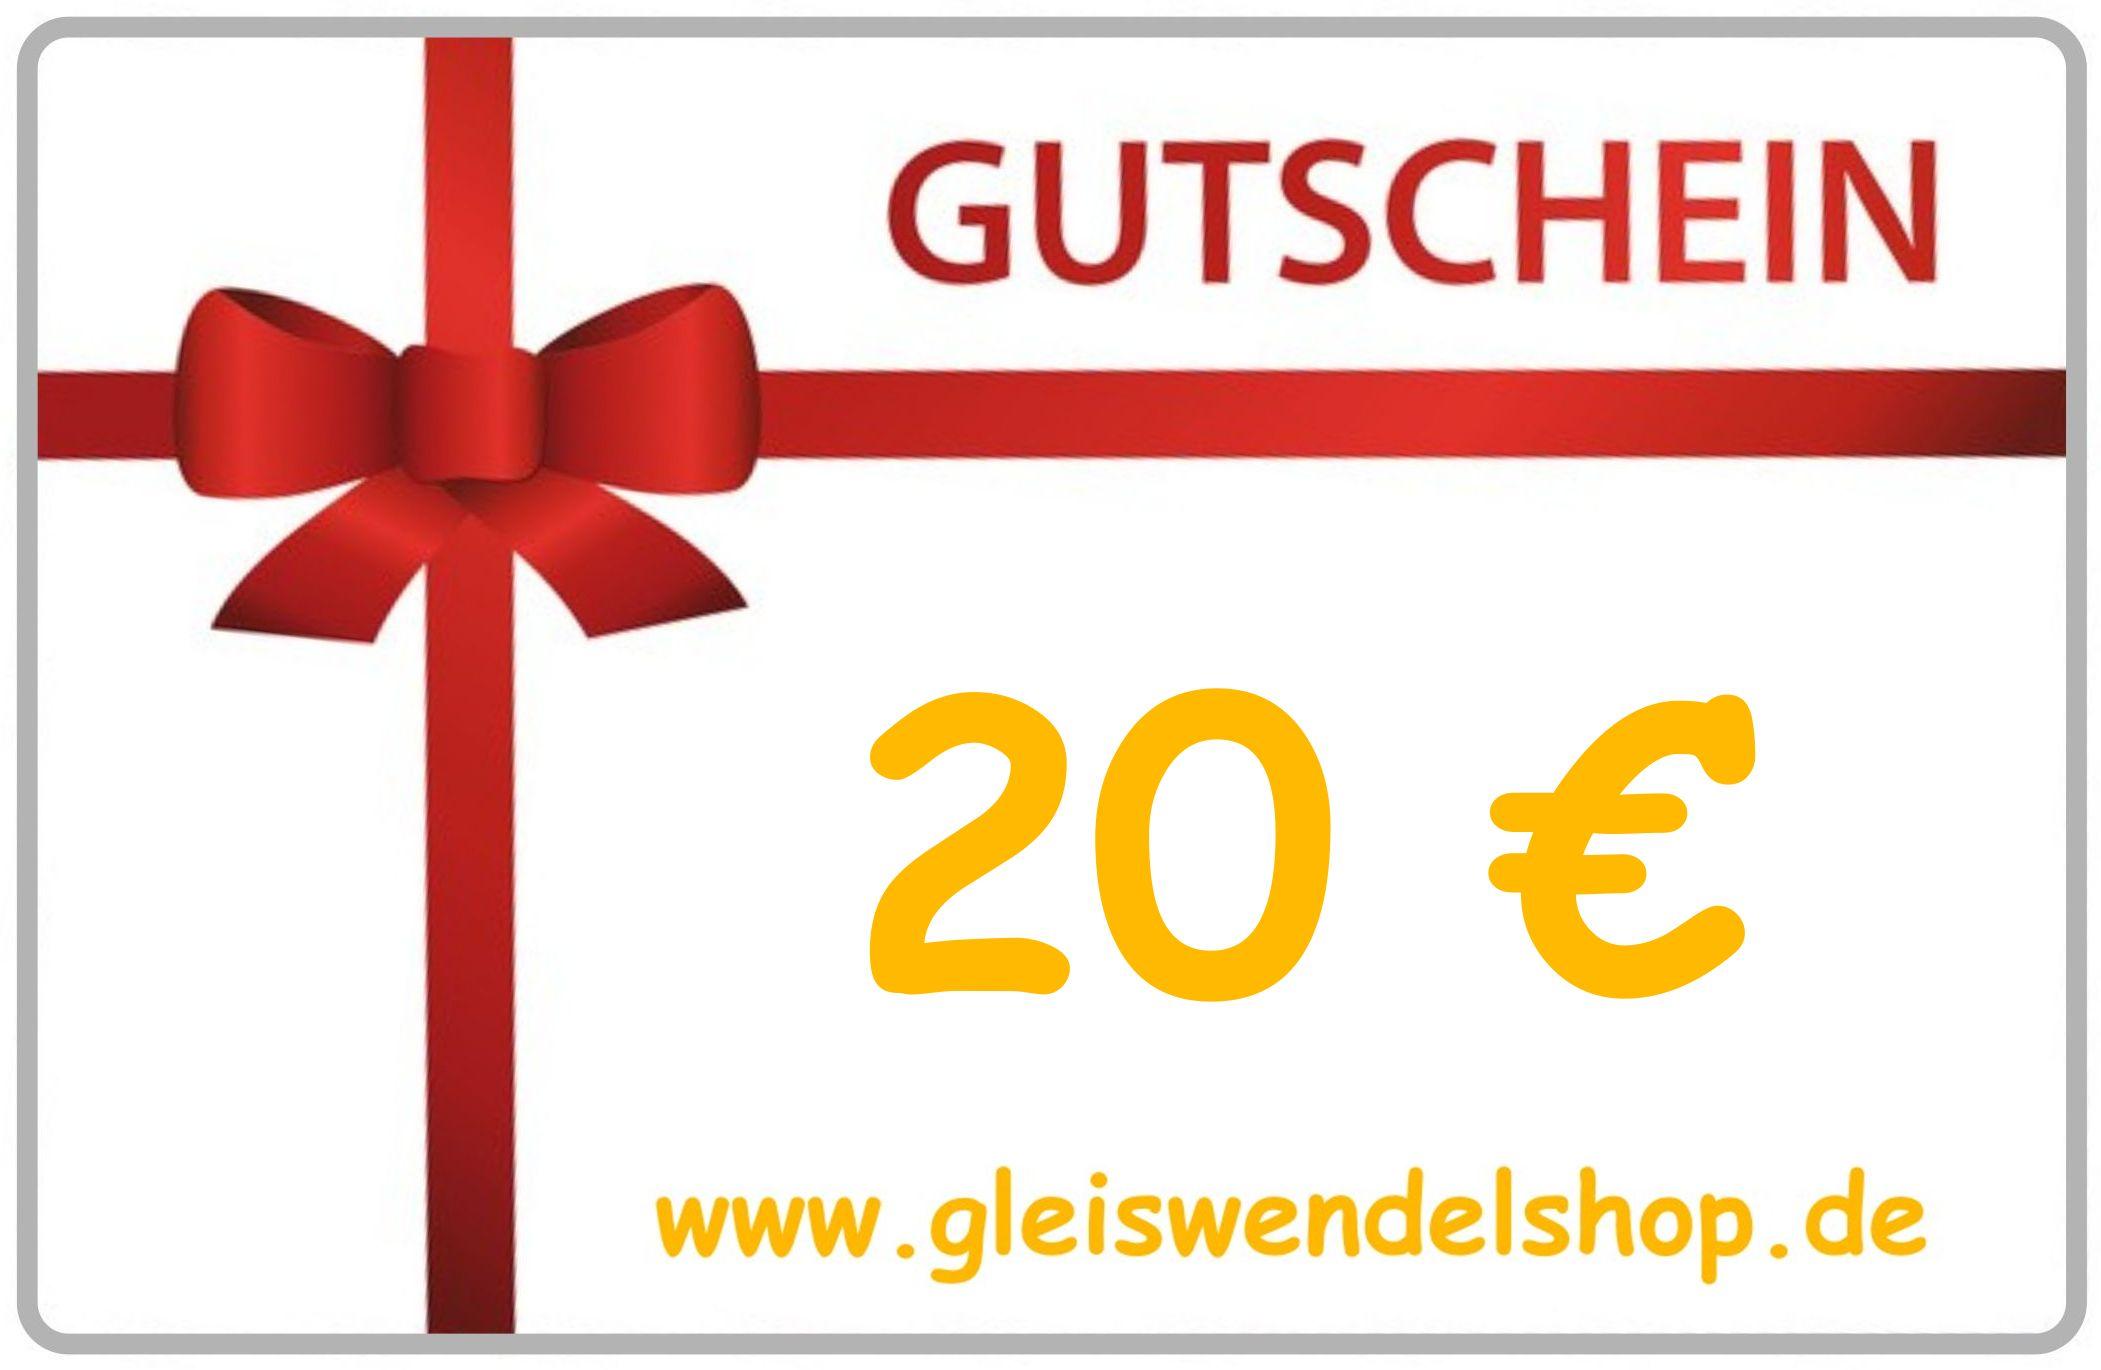 www.gleiswendelshop.de - Gutschein 20 €